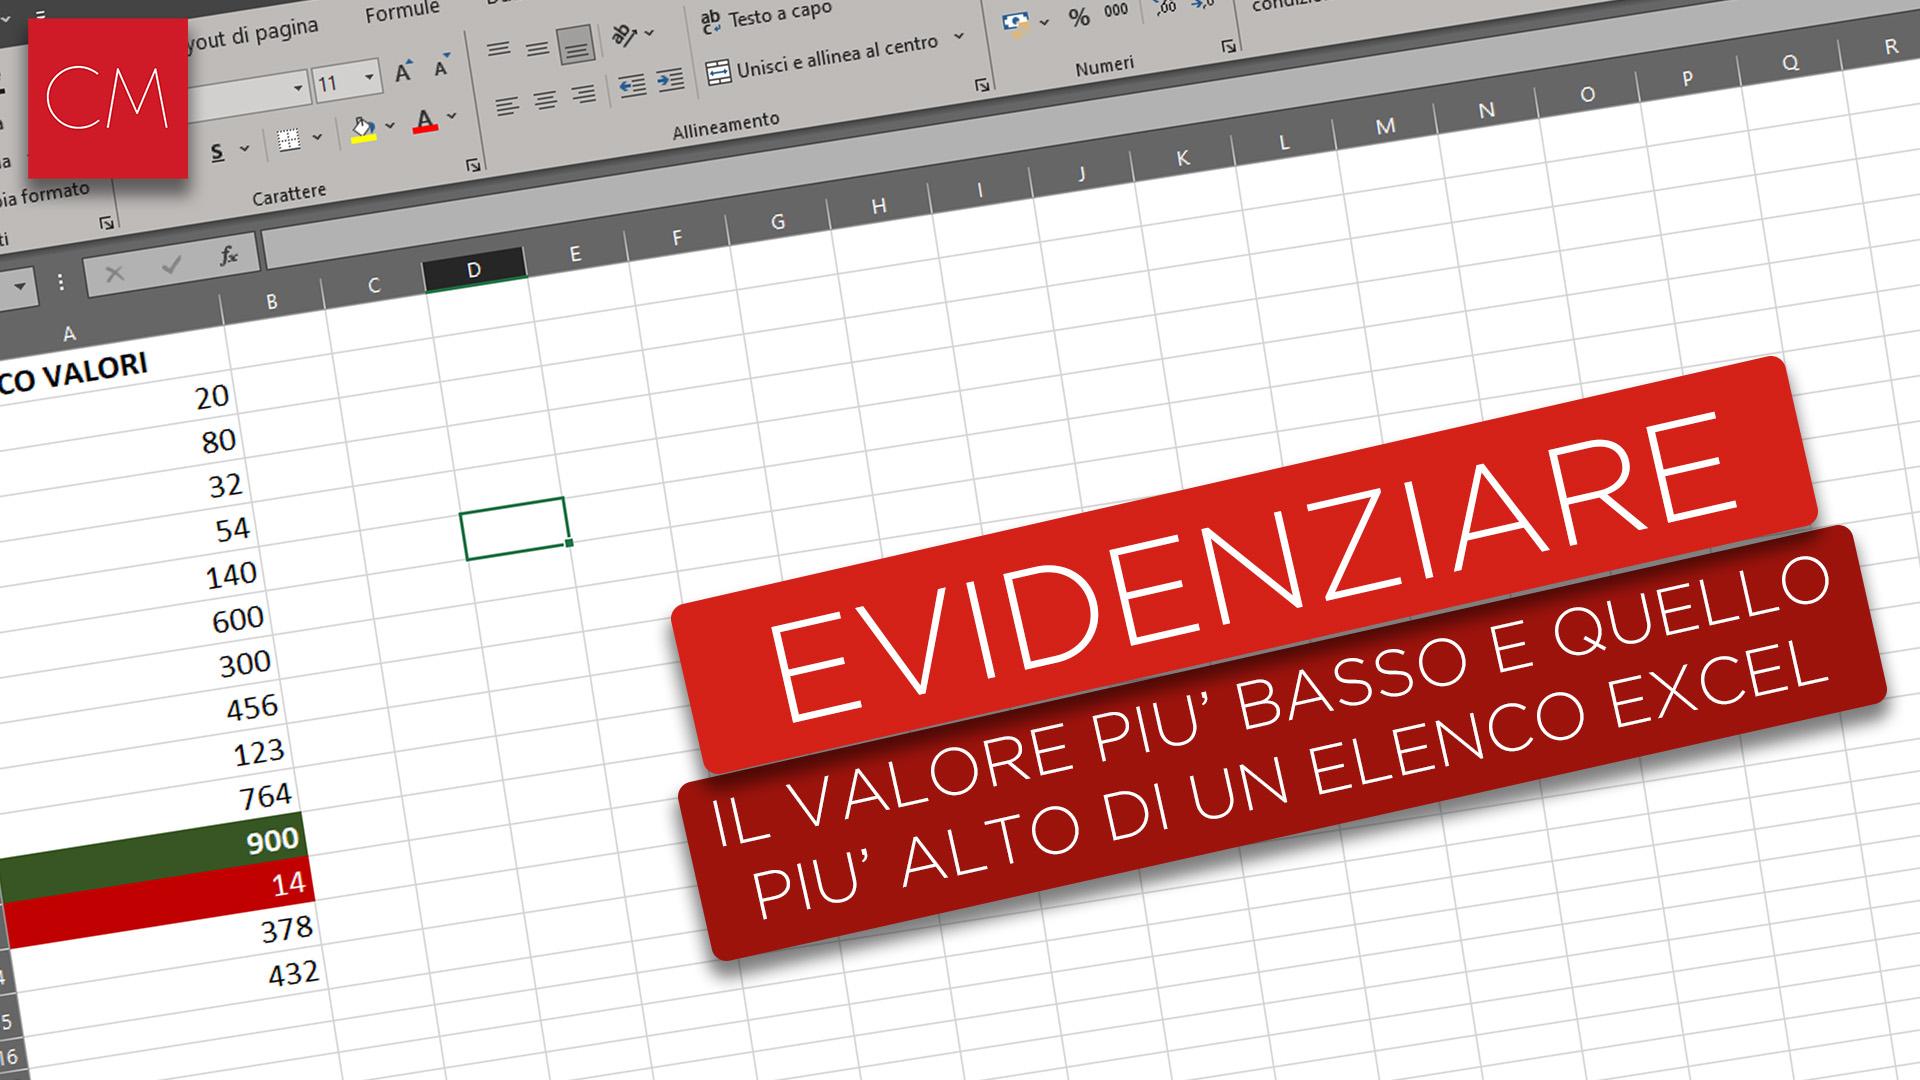 Evidenziare il valore più basso e quello più alto di un elenco Excel